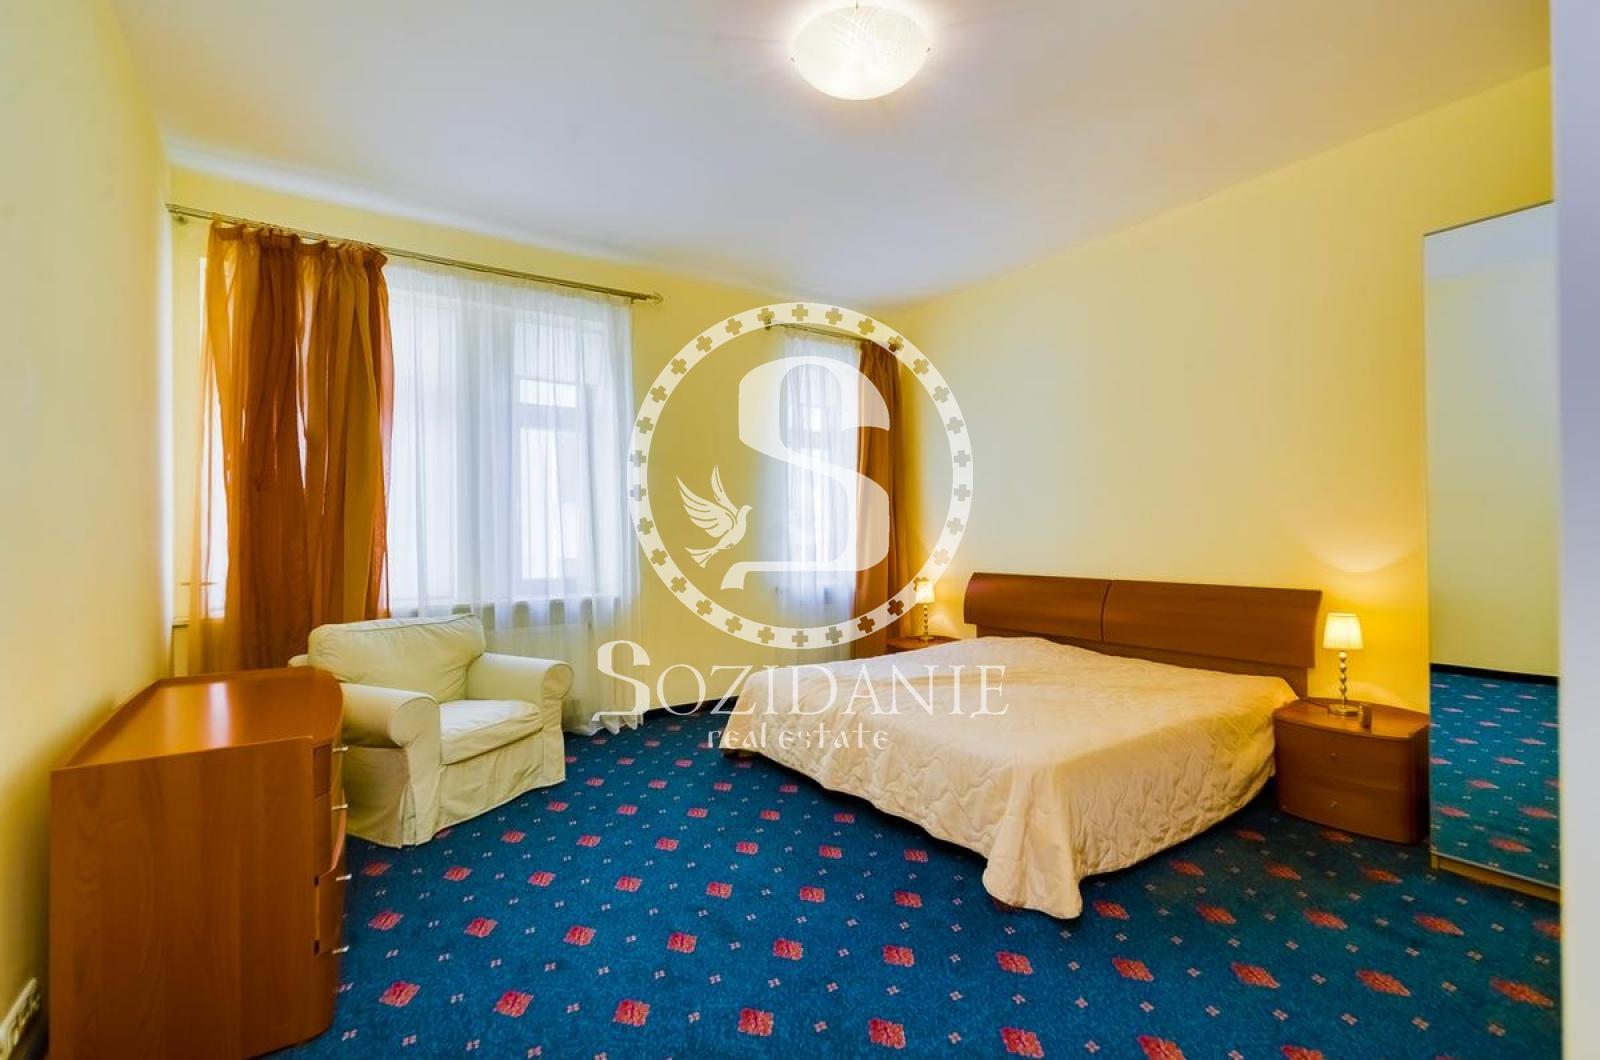 4 Комнаты, Городская, Продажа, Сеченовский переулок, Listing ID 3450, Москва, Россия,